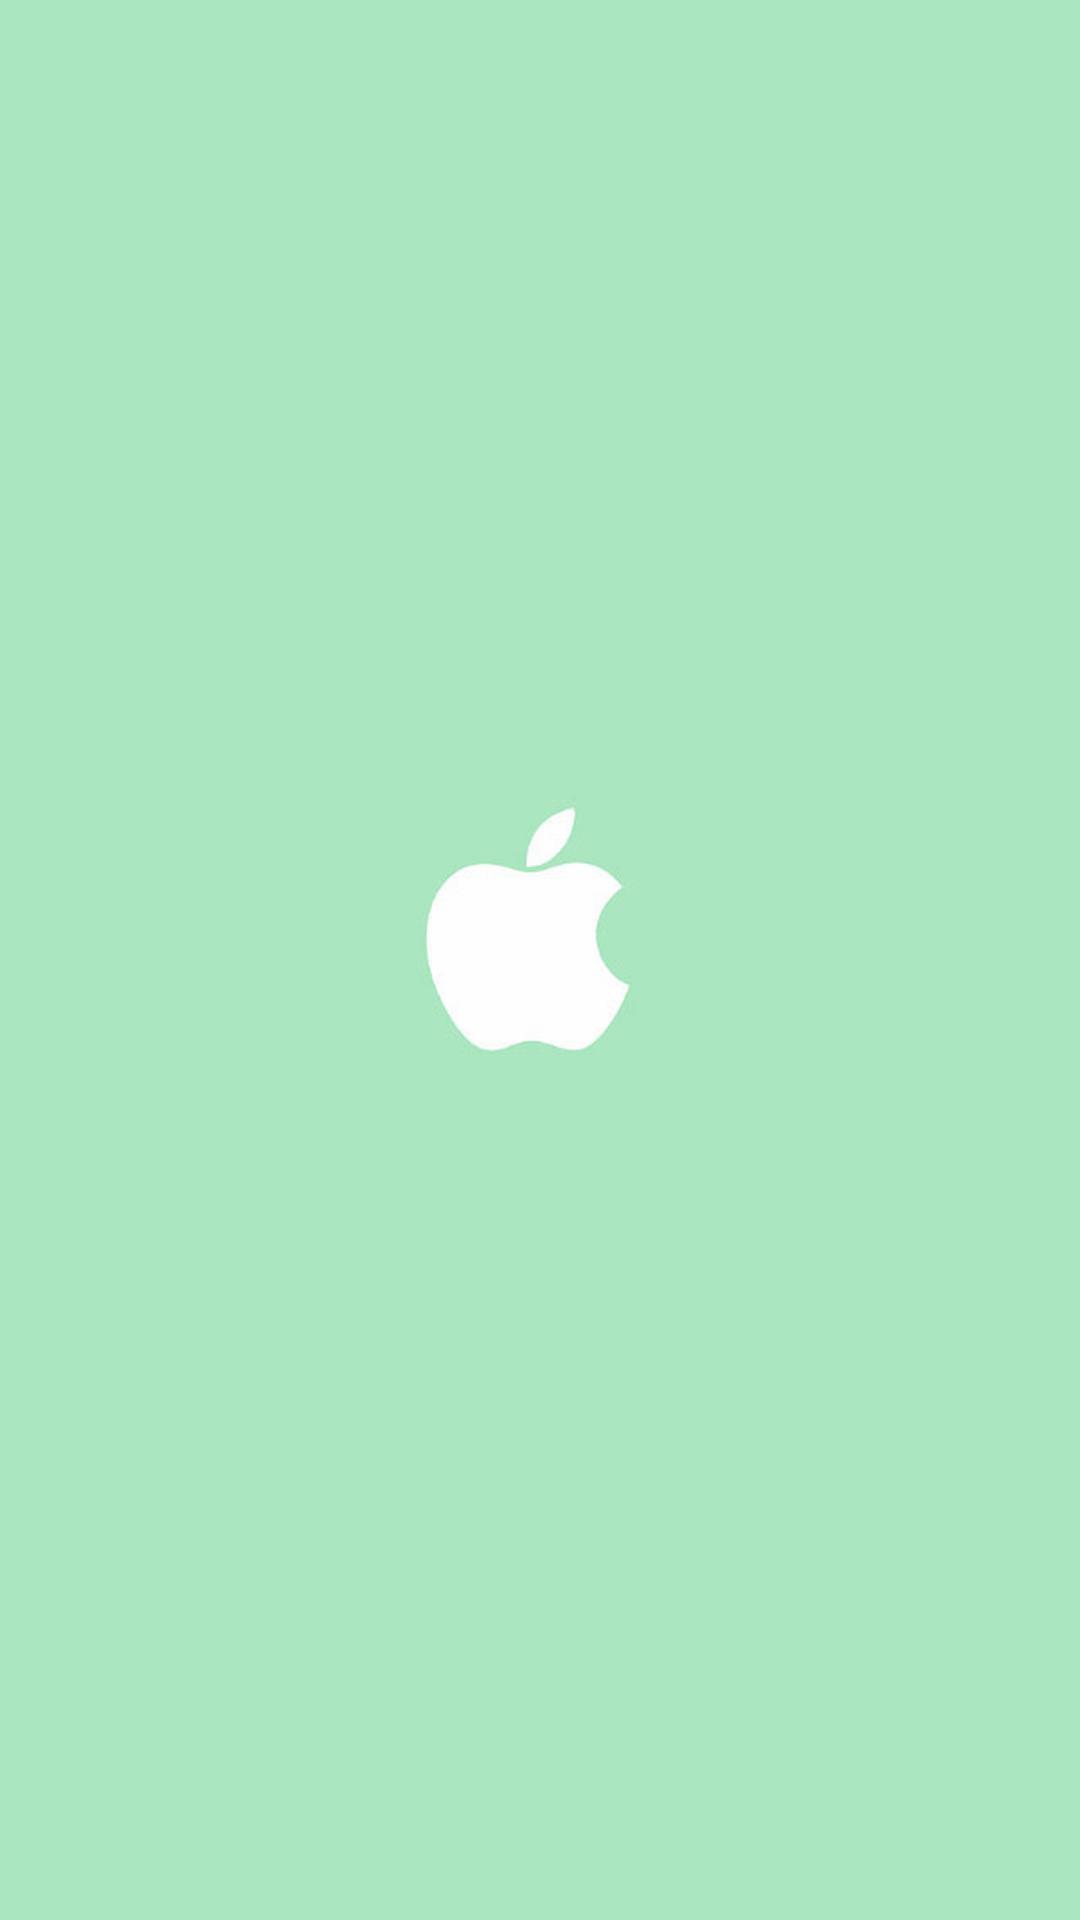 电脑上wap网:苹果logo 紫色 宇宙 苹果手机高清壁纸 1080x1920_爱思